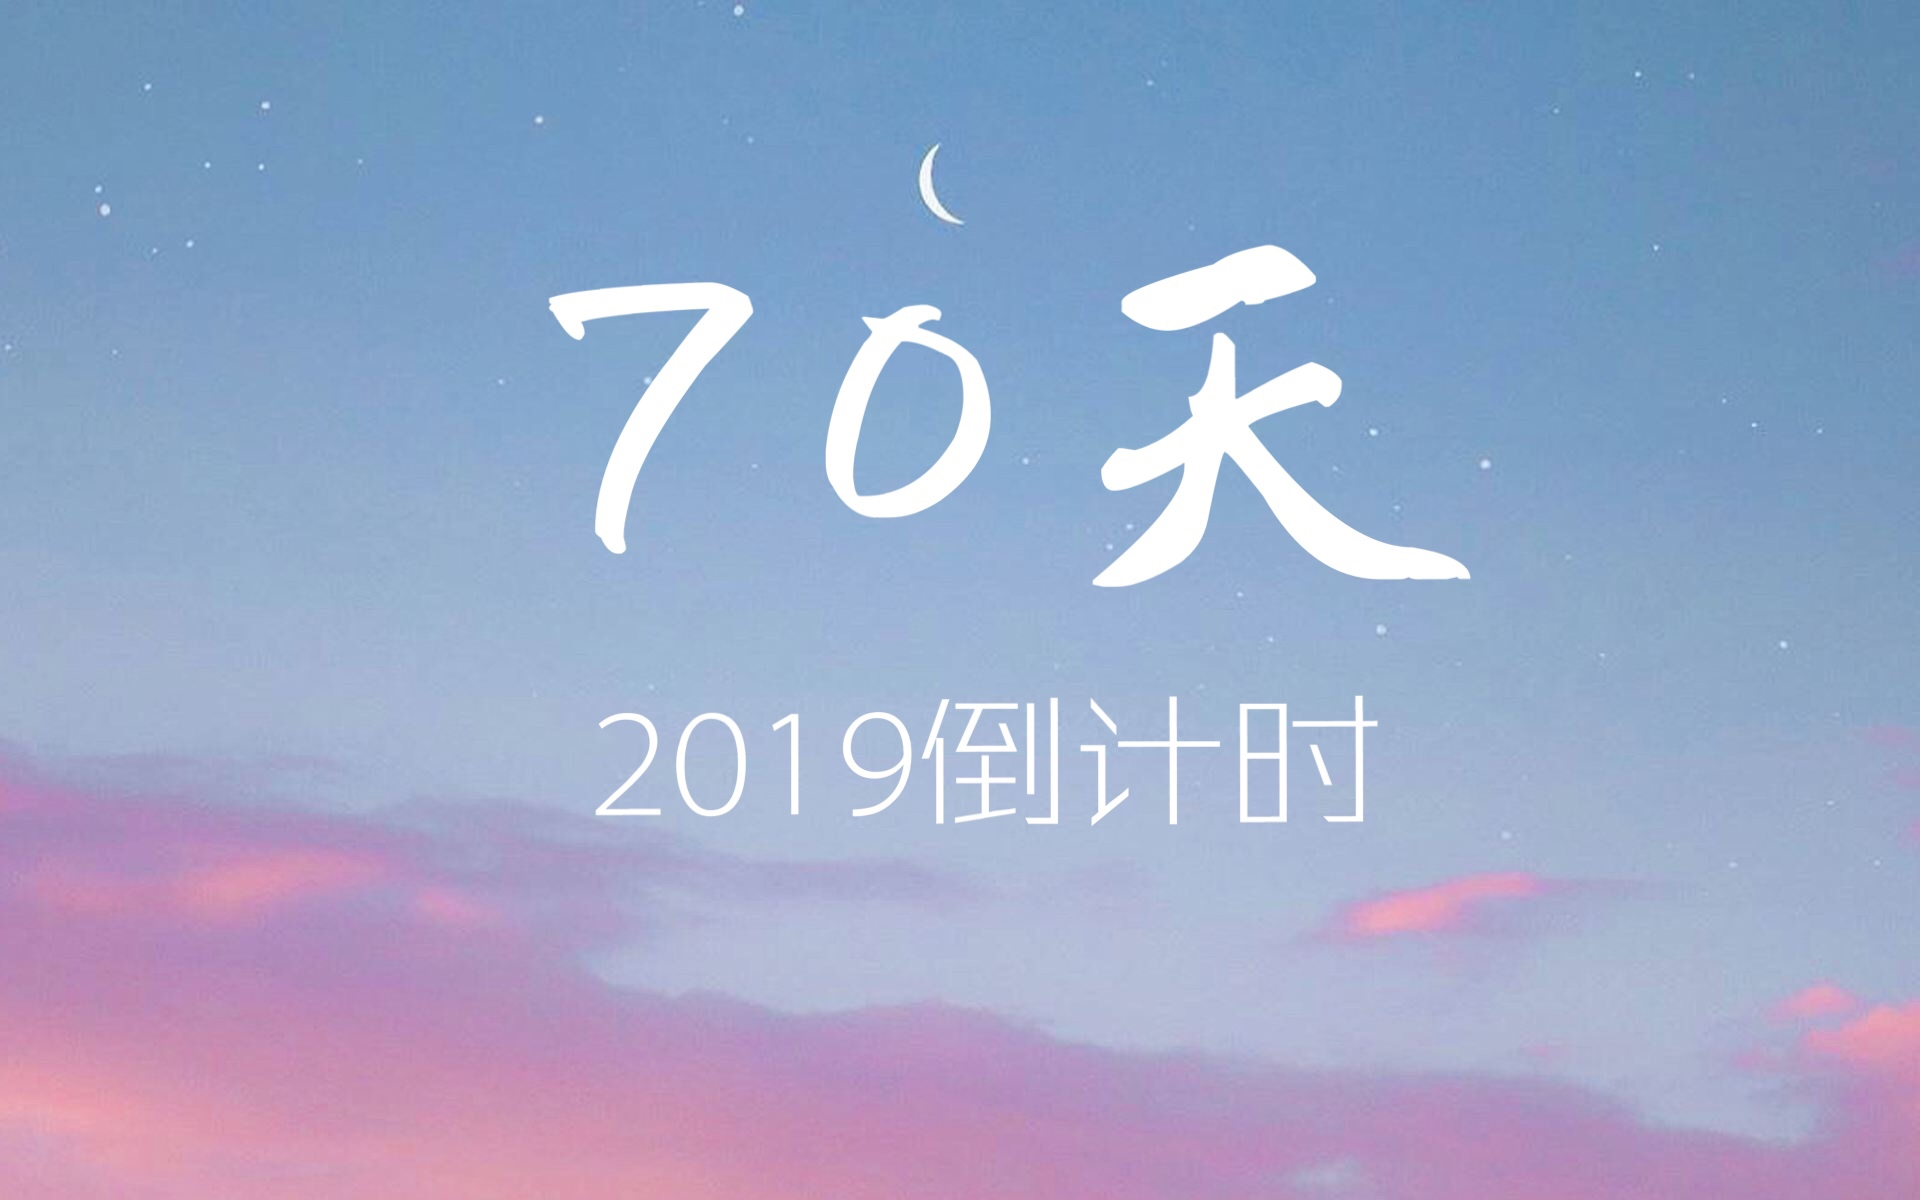 2019年倒计时如何华丽逆袭 金秋美业捷径之路已开启